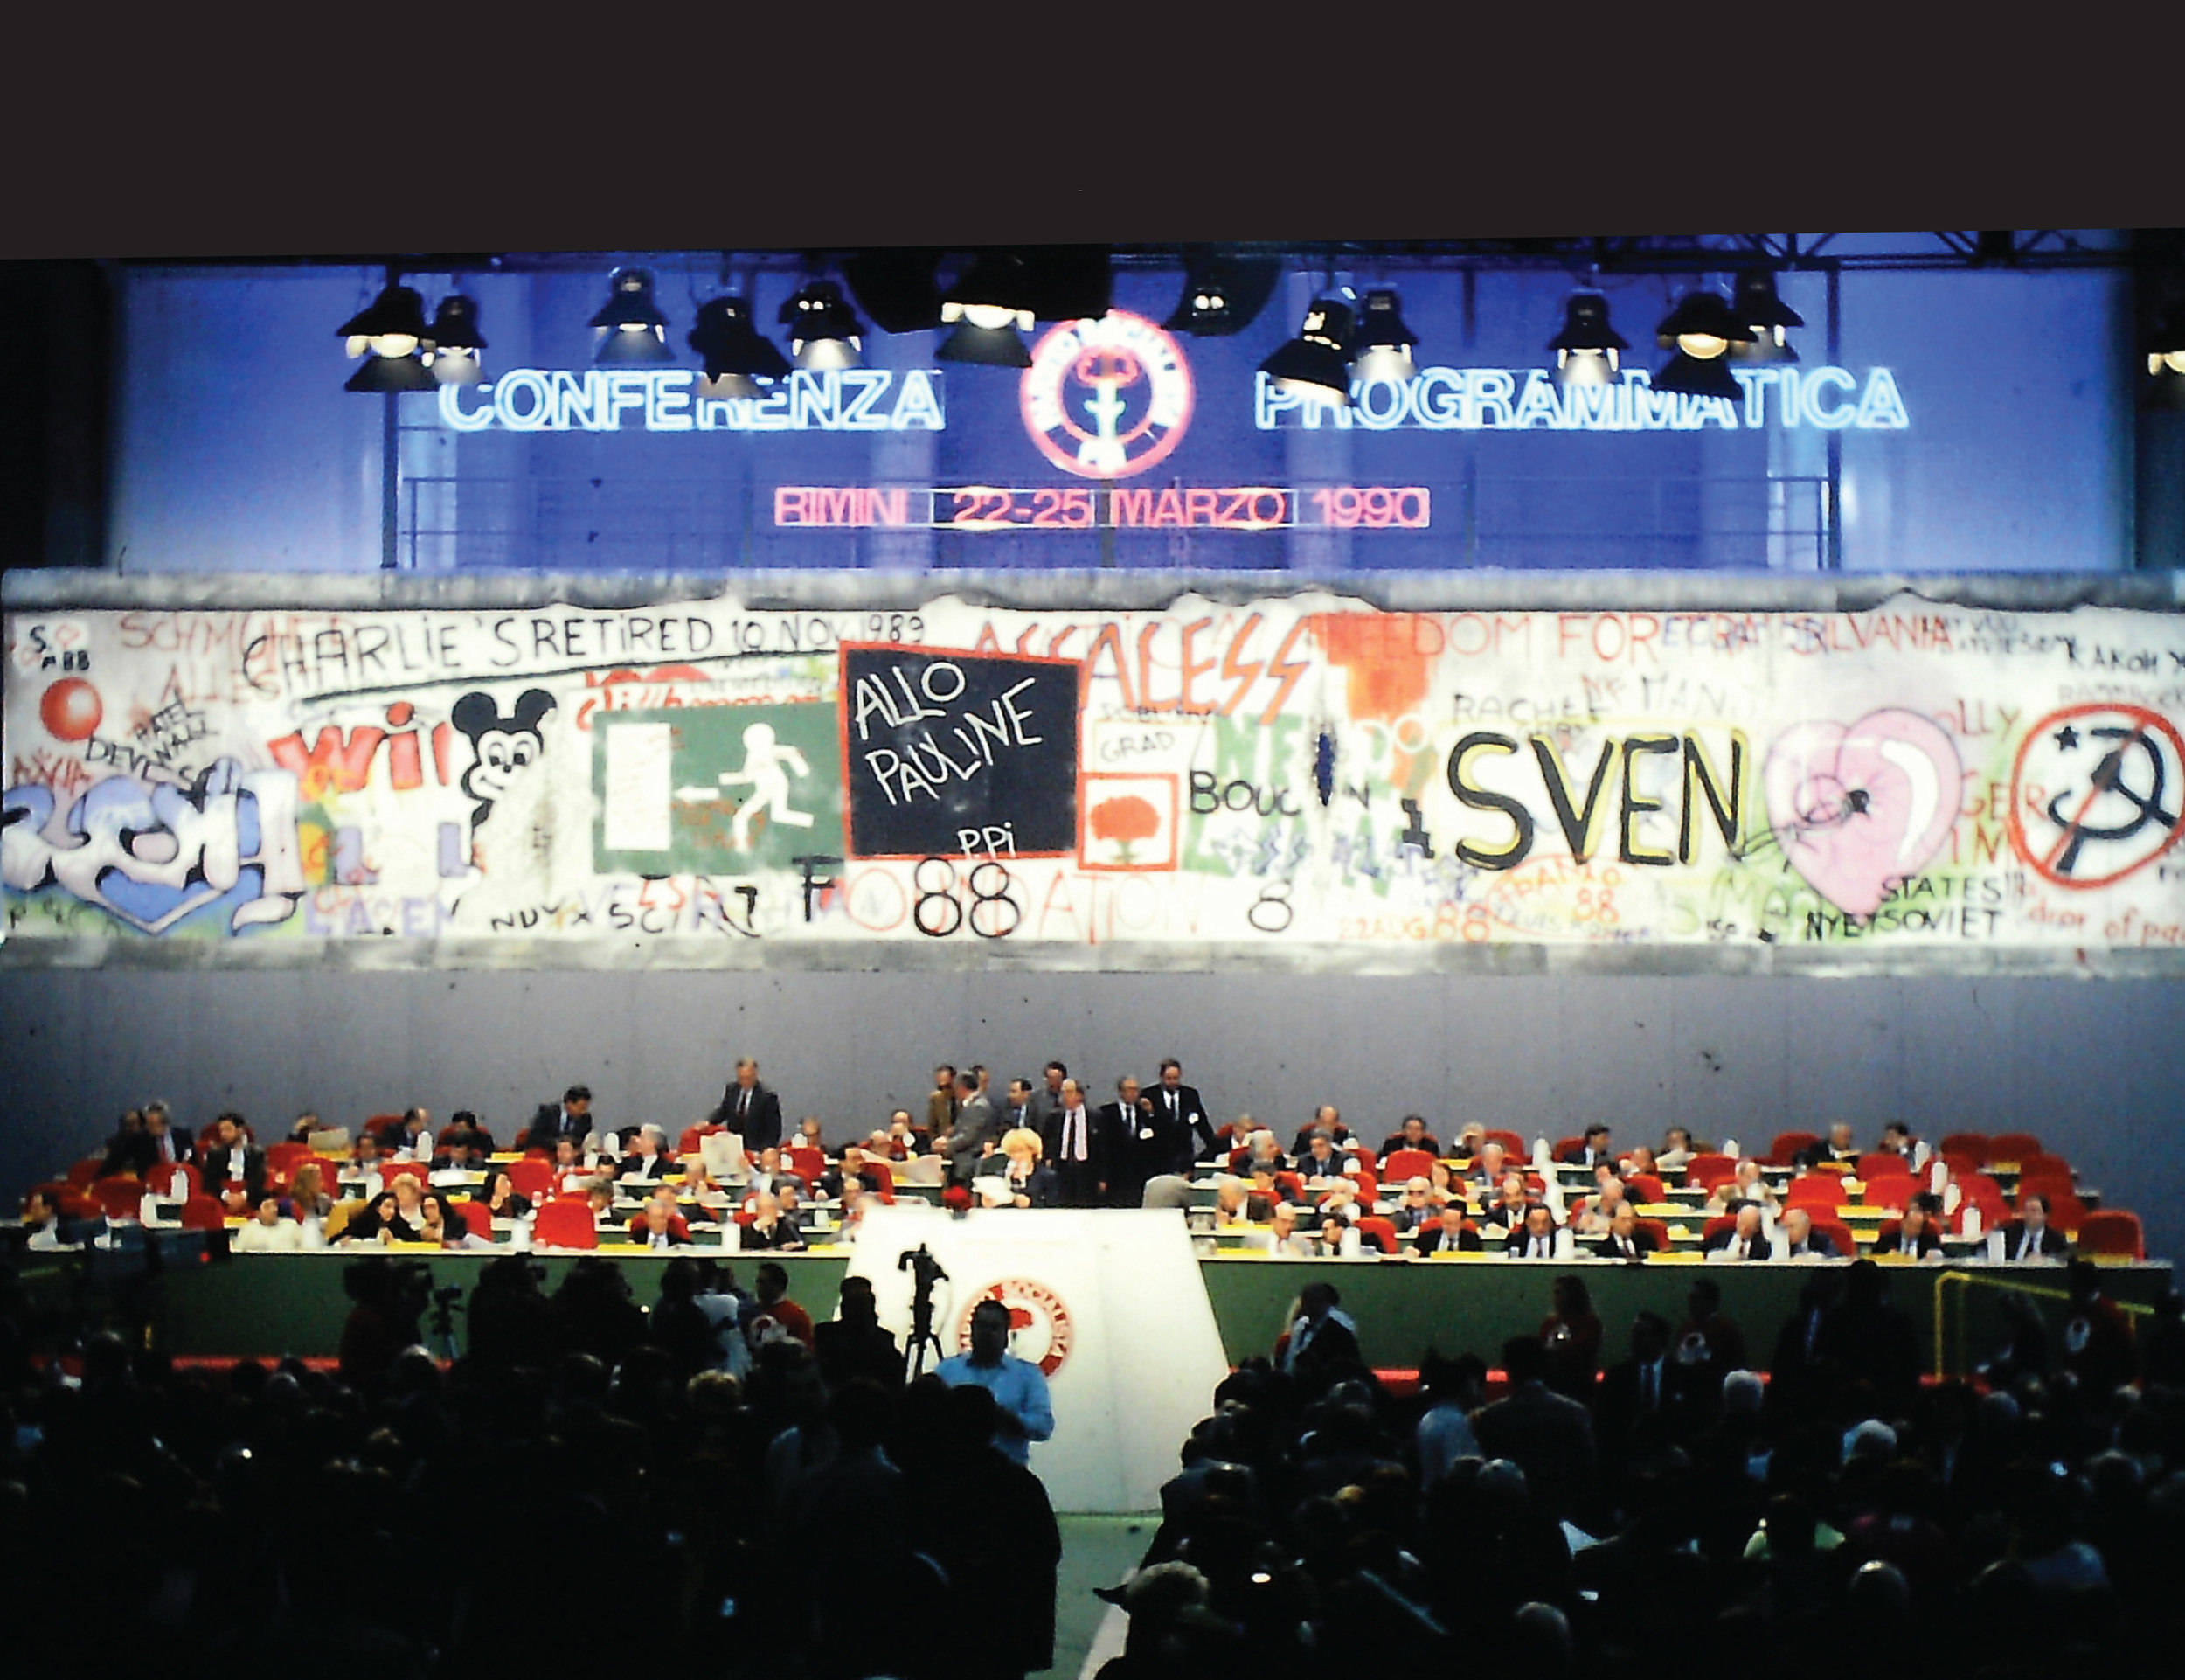 PSI Rimini programmatic conference in 1990.Image credit: Alberto Peruzzo Editore